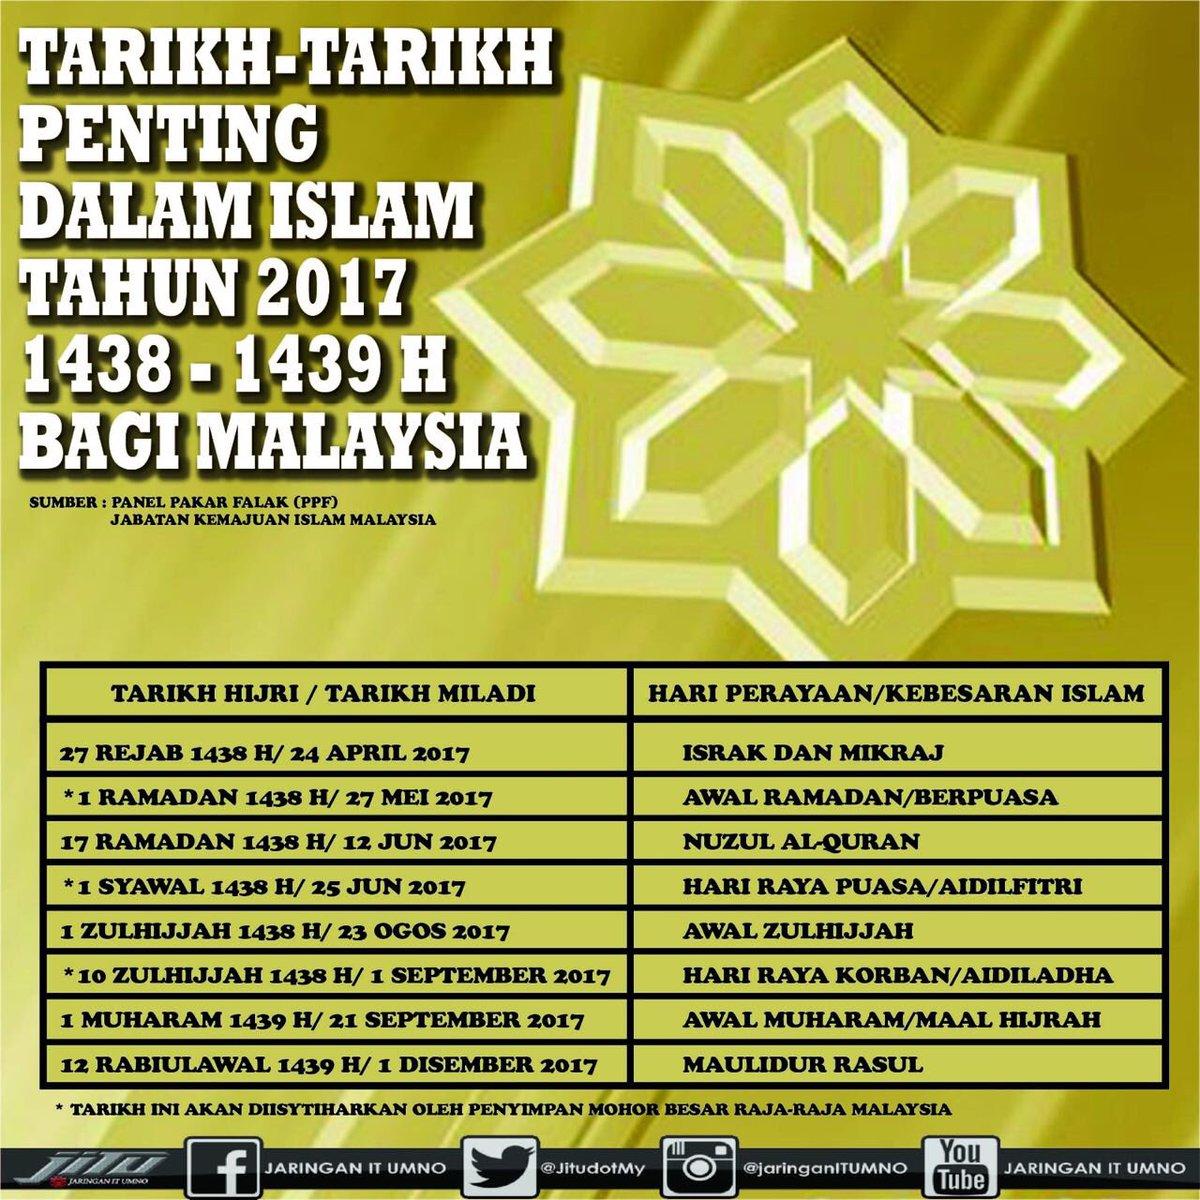 Ahmad B Maslan On Twitter Tarikh2 Penting Dlm Islam Utk Tahun 2017 Utk 1 Ramadhan 2 Hari Raya Akan Diumum Oleh Penyimpan Mohor Besar Raja2 Melayu Sumber Jakim Https T Co Huy2b0hvz2